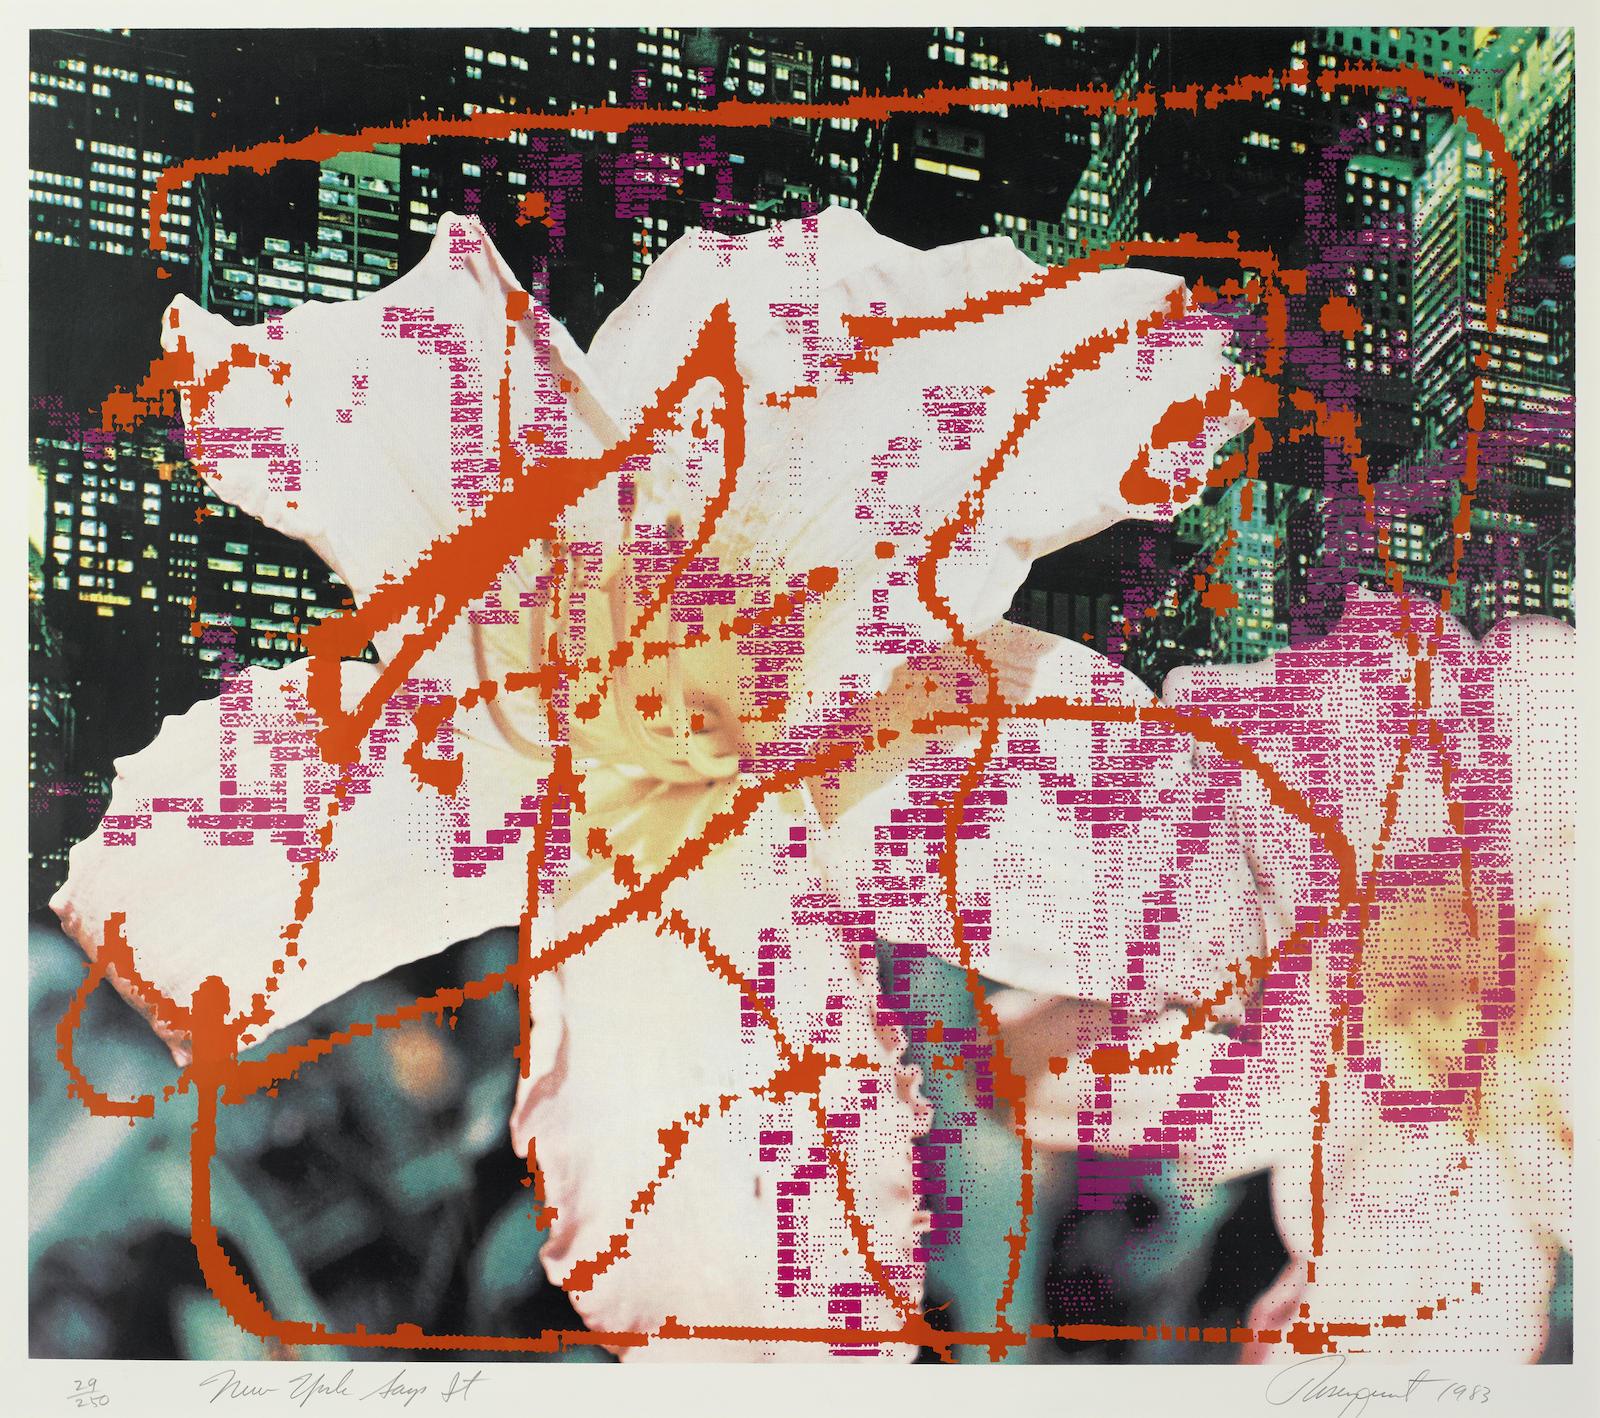 Portfolio - New York, New York-1983